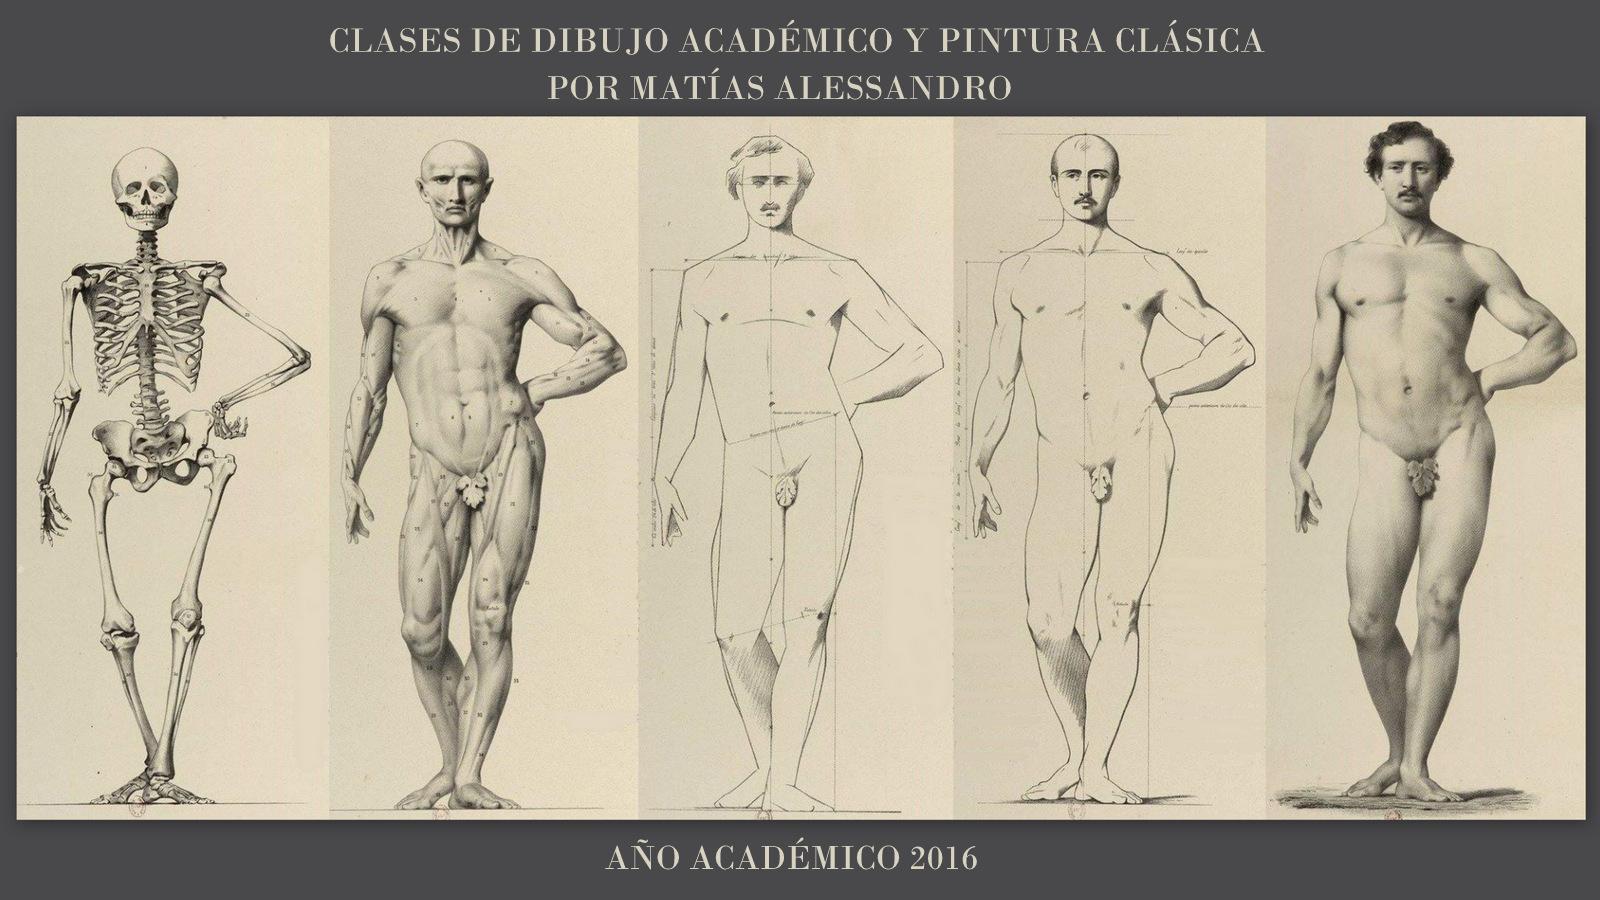 - CLASES DE DIBUJO ACADÉMICO Y PINTURA CLÁSICA -